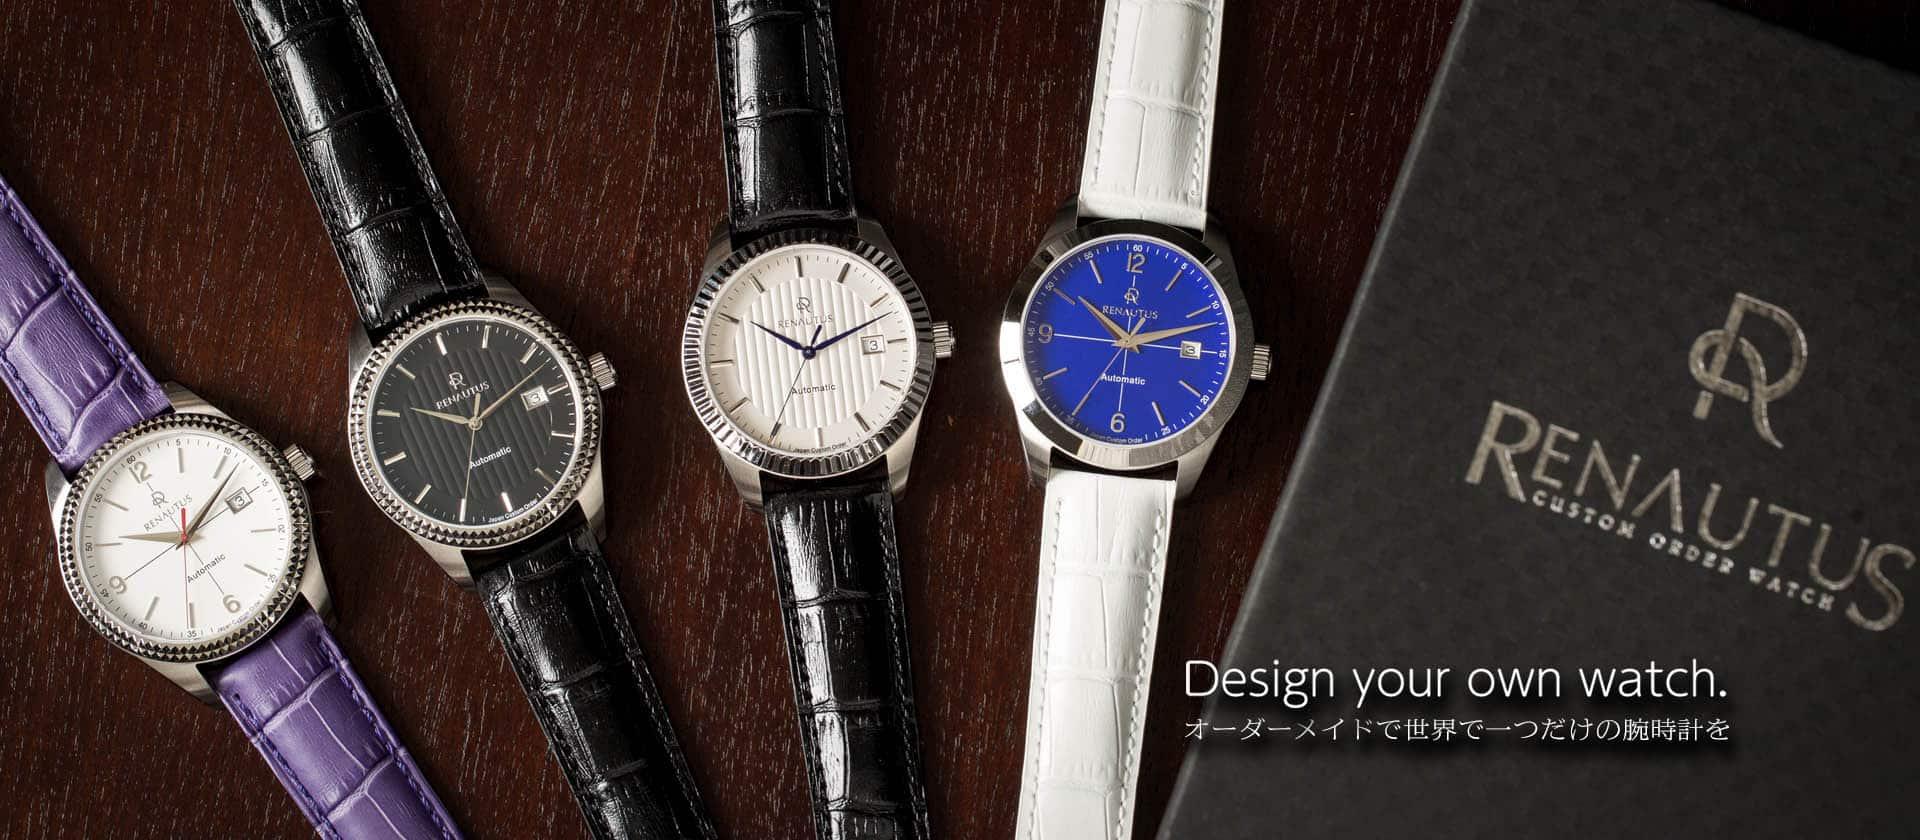 ルノータス カスタム腕時計の値段やメリット